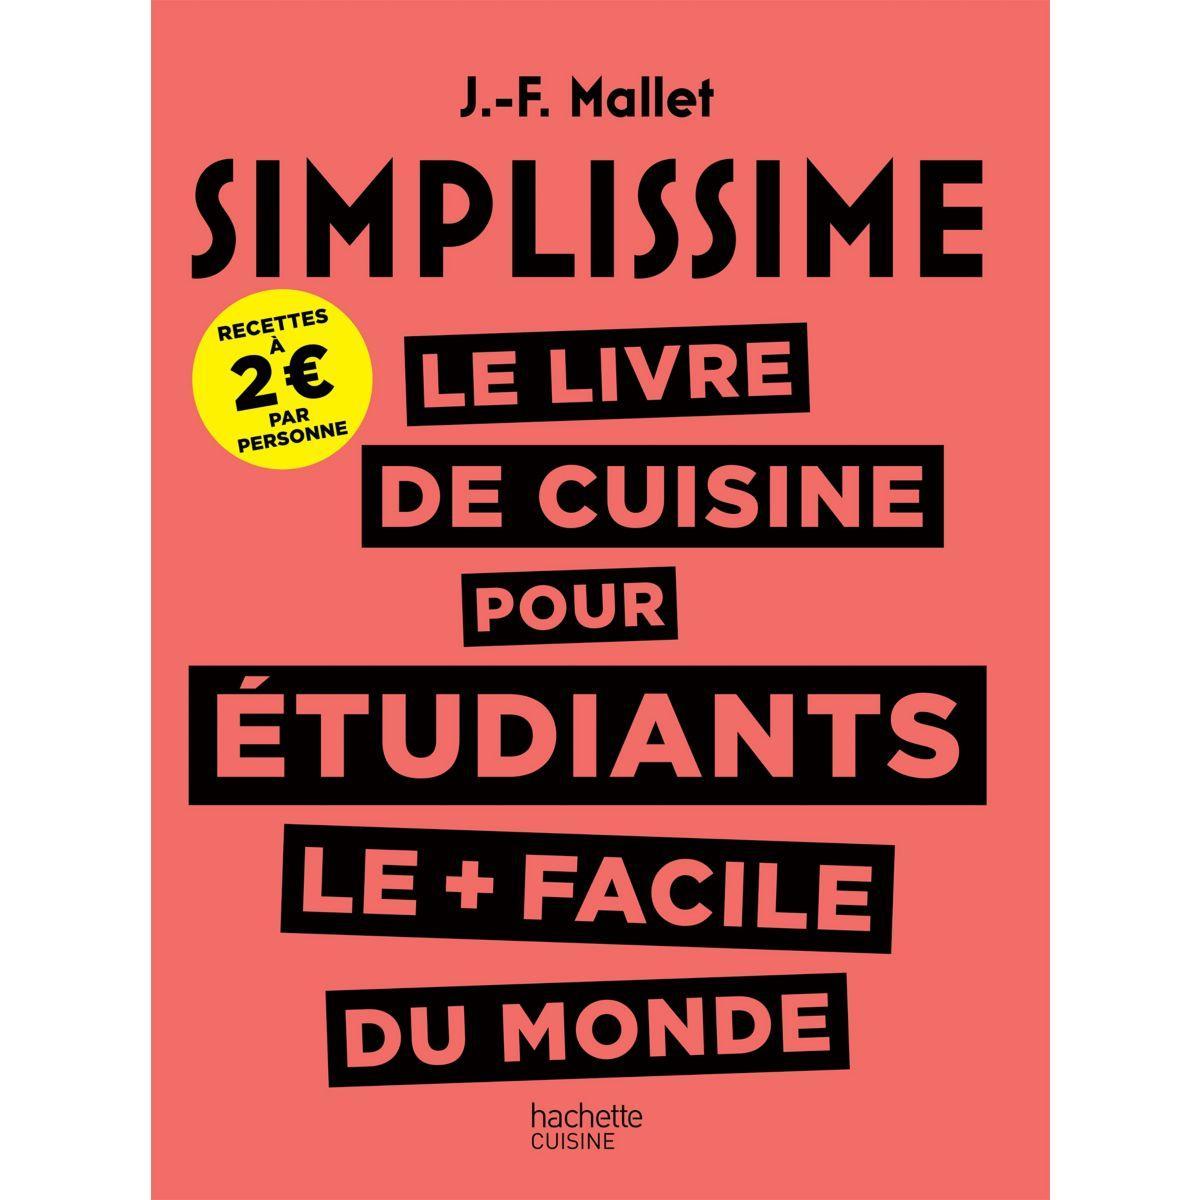 Livre de cuisine hachette simplissime pour �tudiants (photo)